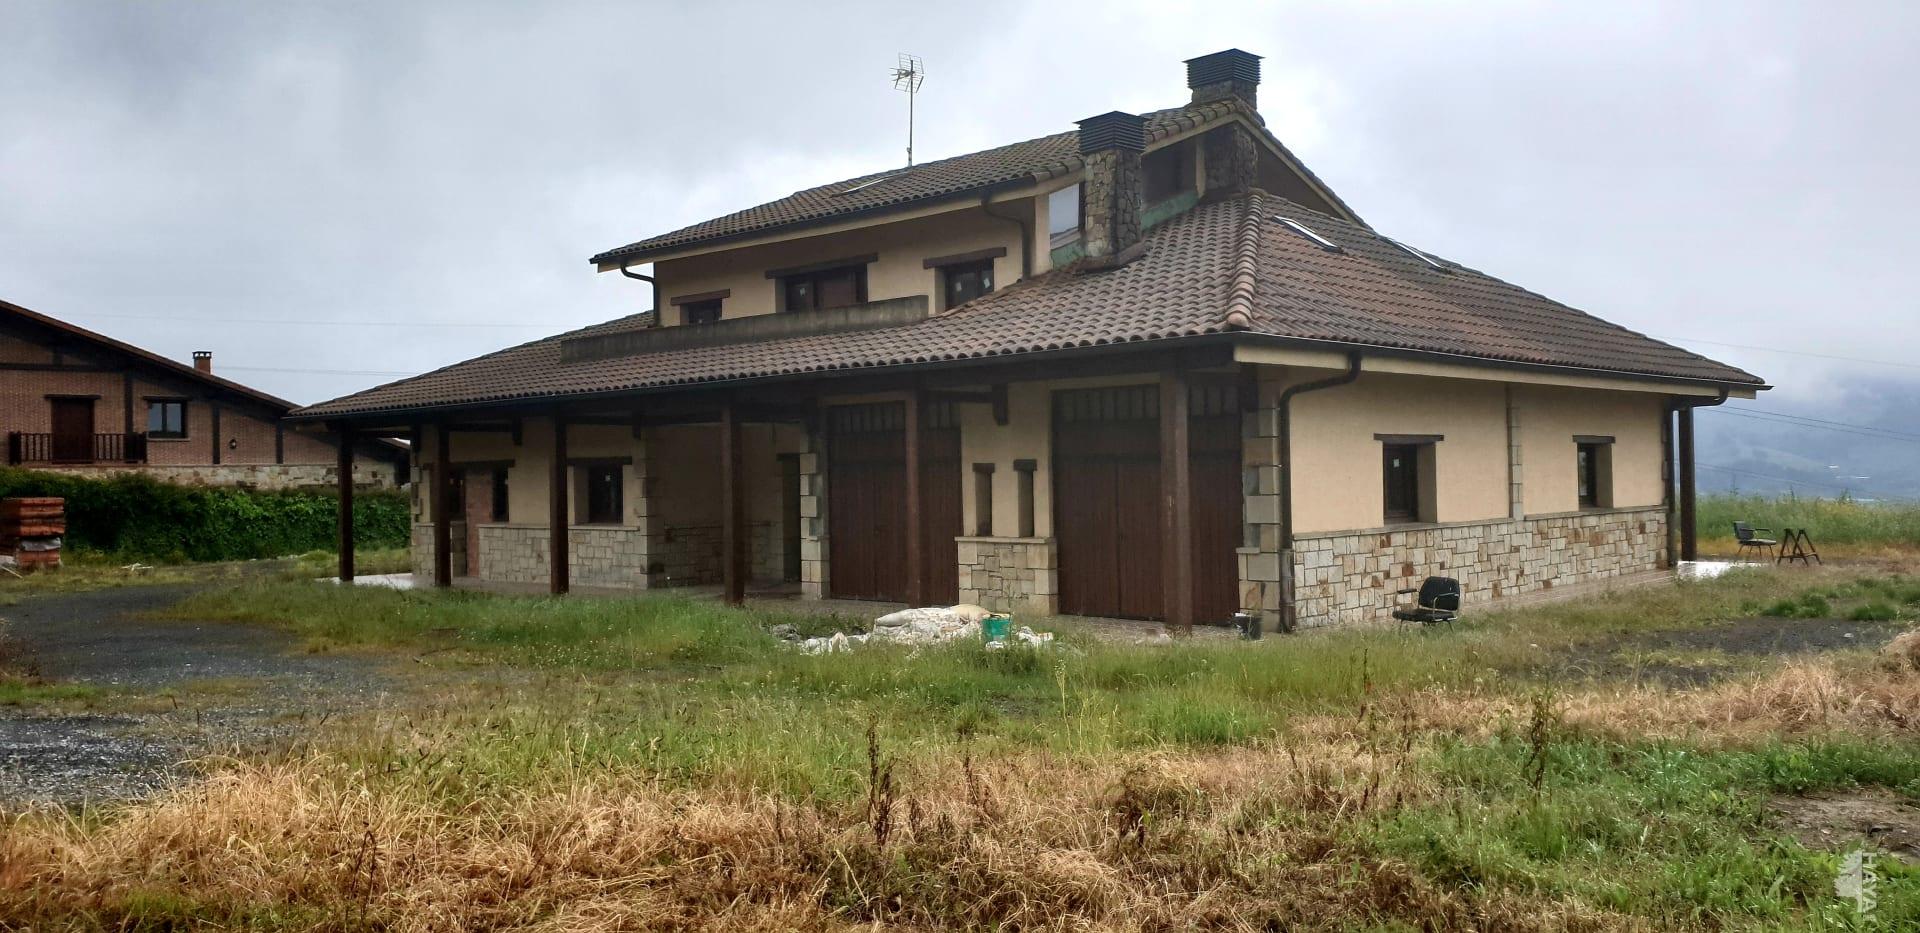 Casa en venta en Elorrio, Elorrio, españa, Calle Colonia Mendraka, 580.545 €, 4 habitaciones, 3 baños, 346 m2